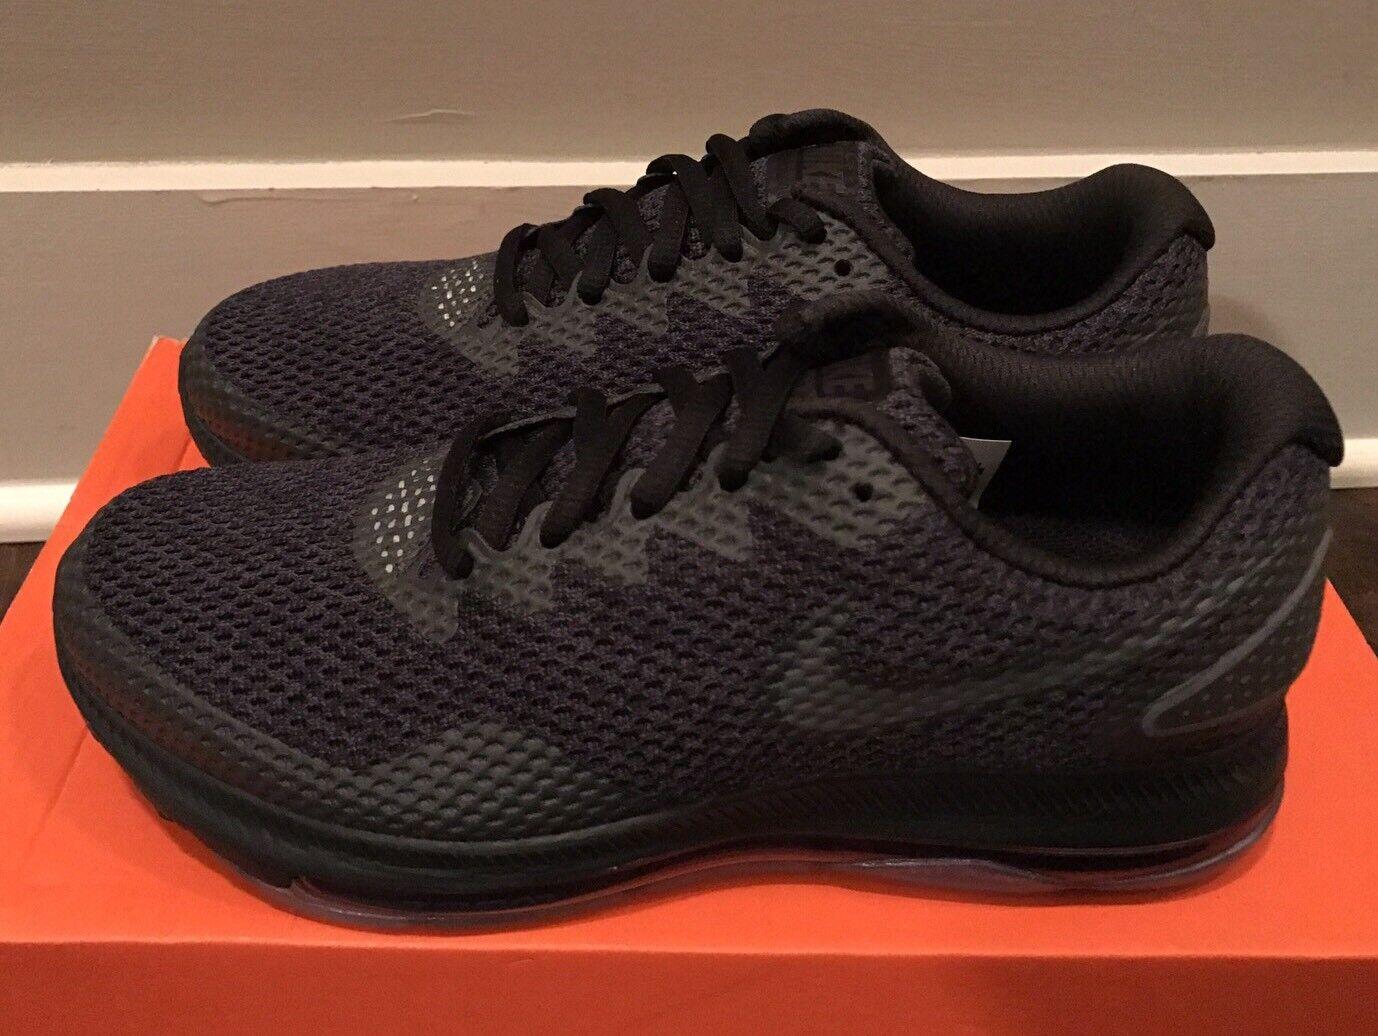 Nike Zoom todo bajo 2 aj0036-004 negro / gris gris gris oscuro antracita Mujer SZ 7 NIB New zapatos para hombres y mujeres, el limitado tiempo de descuento c11763